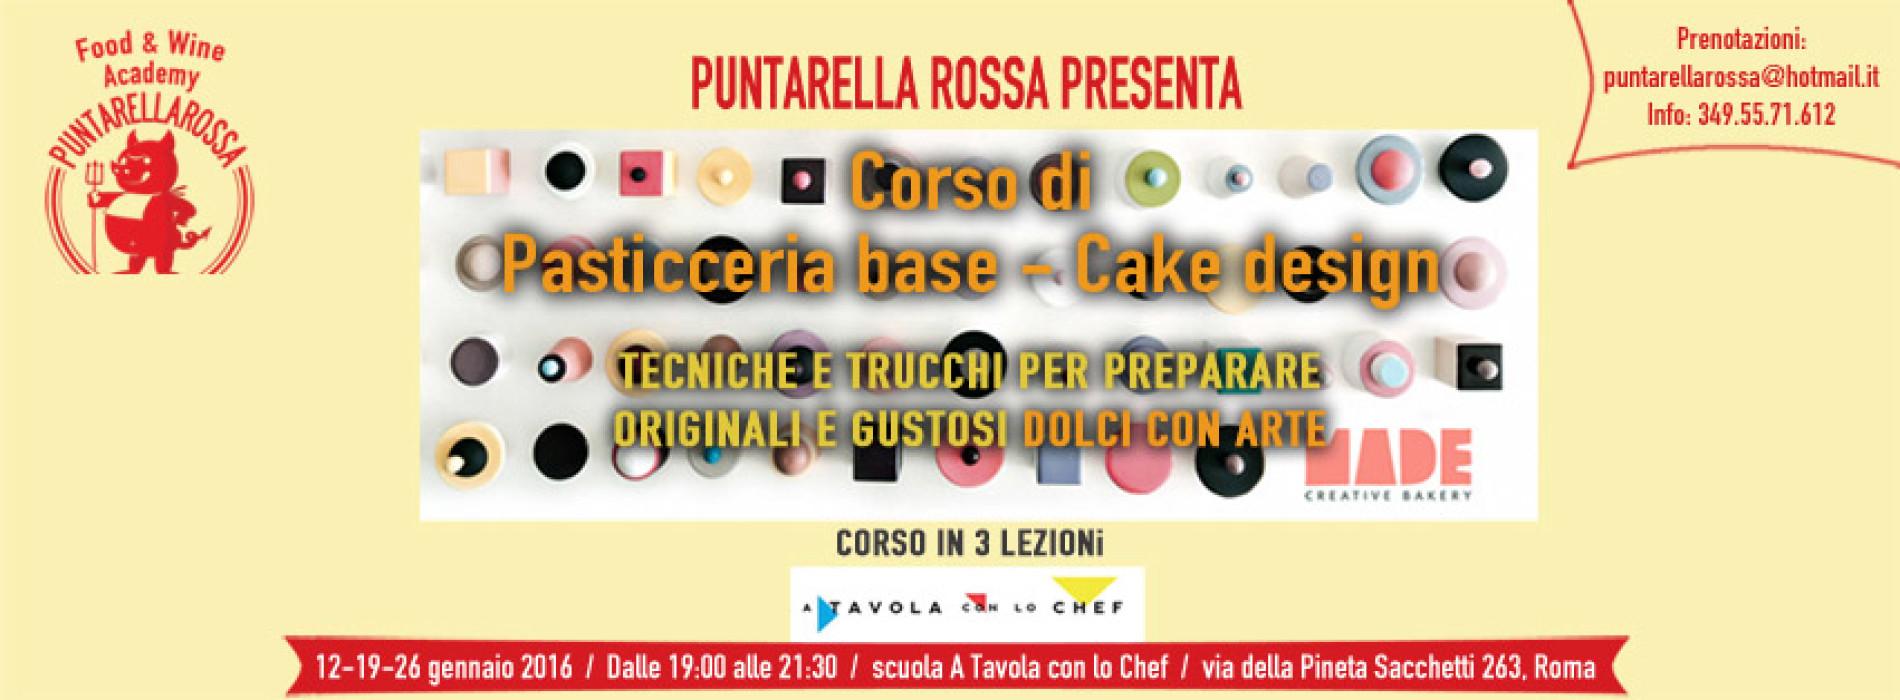 Corso Cake Design Base Roma : Corso di pasticceria base Cake design Roma, 3 lezioni per ...